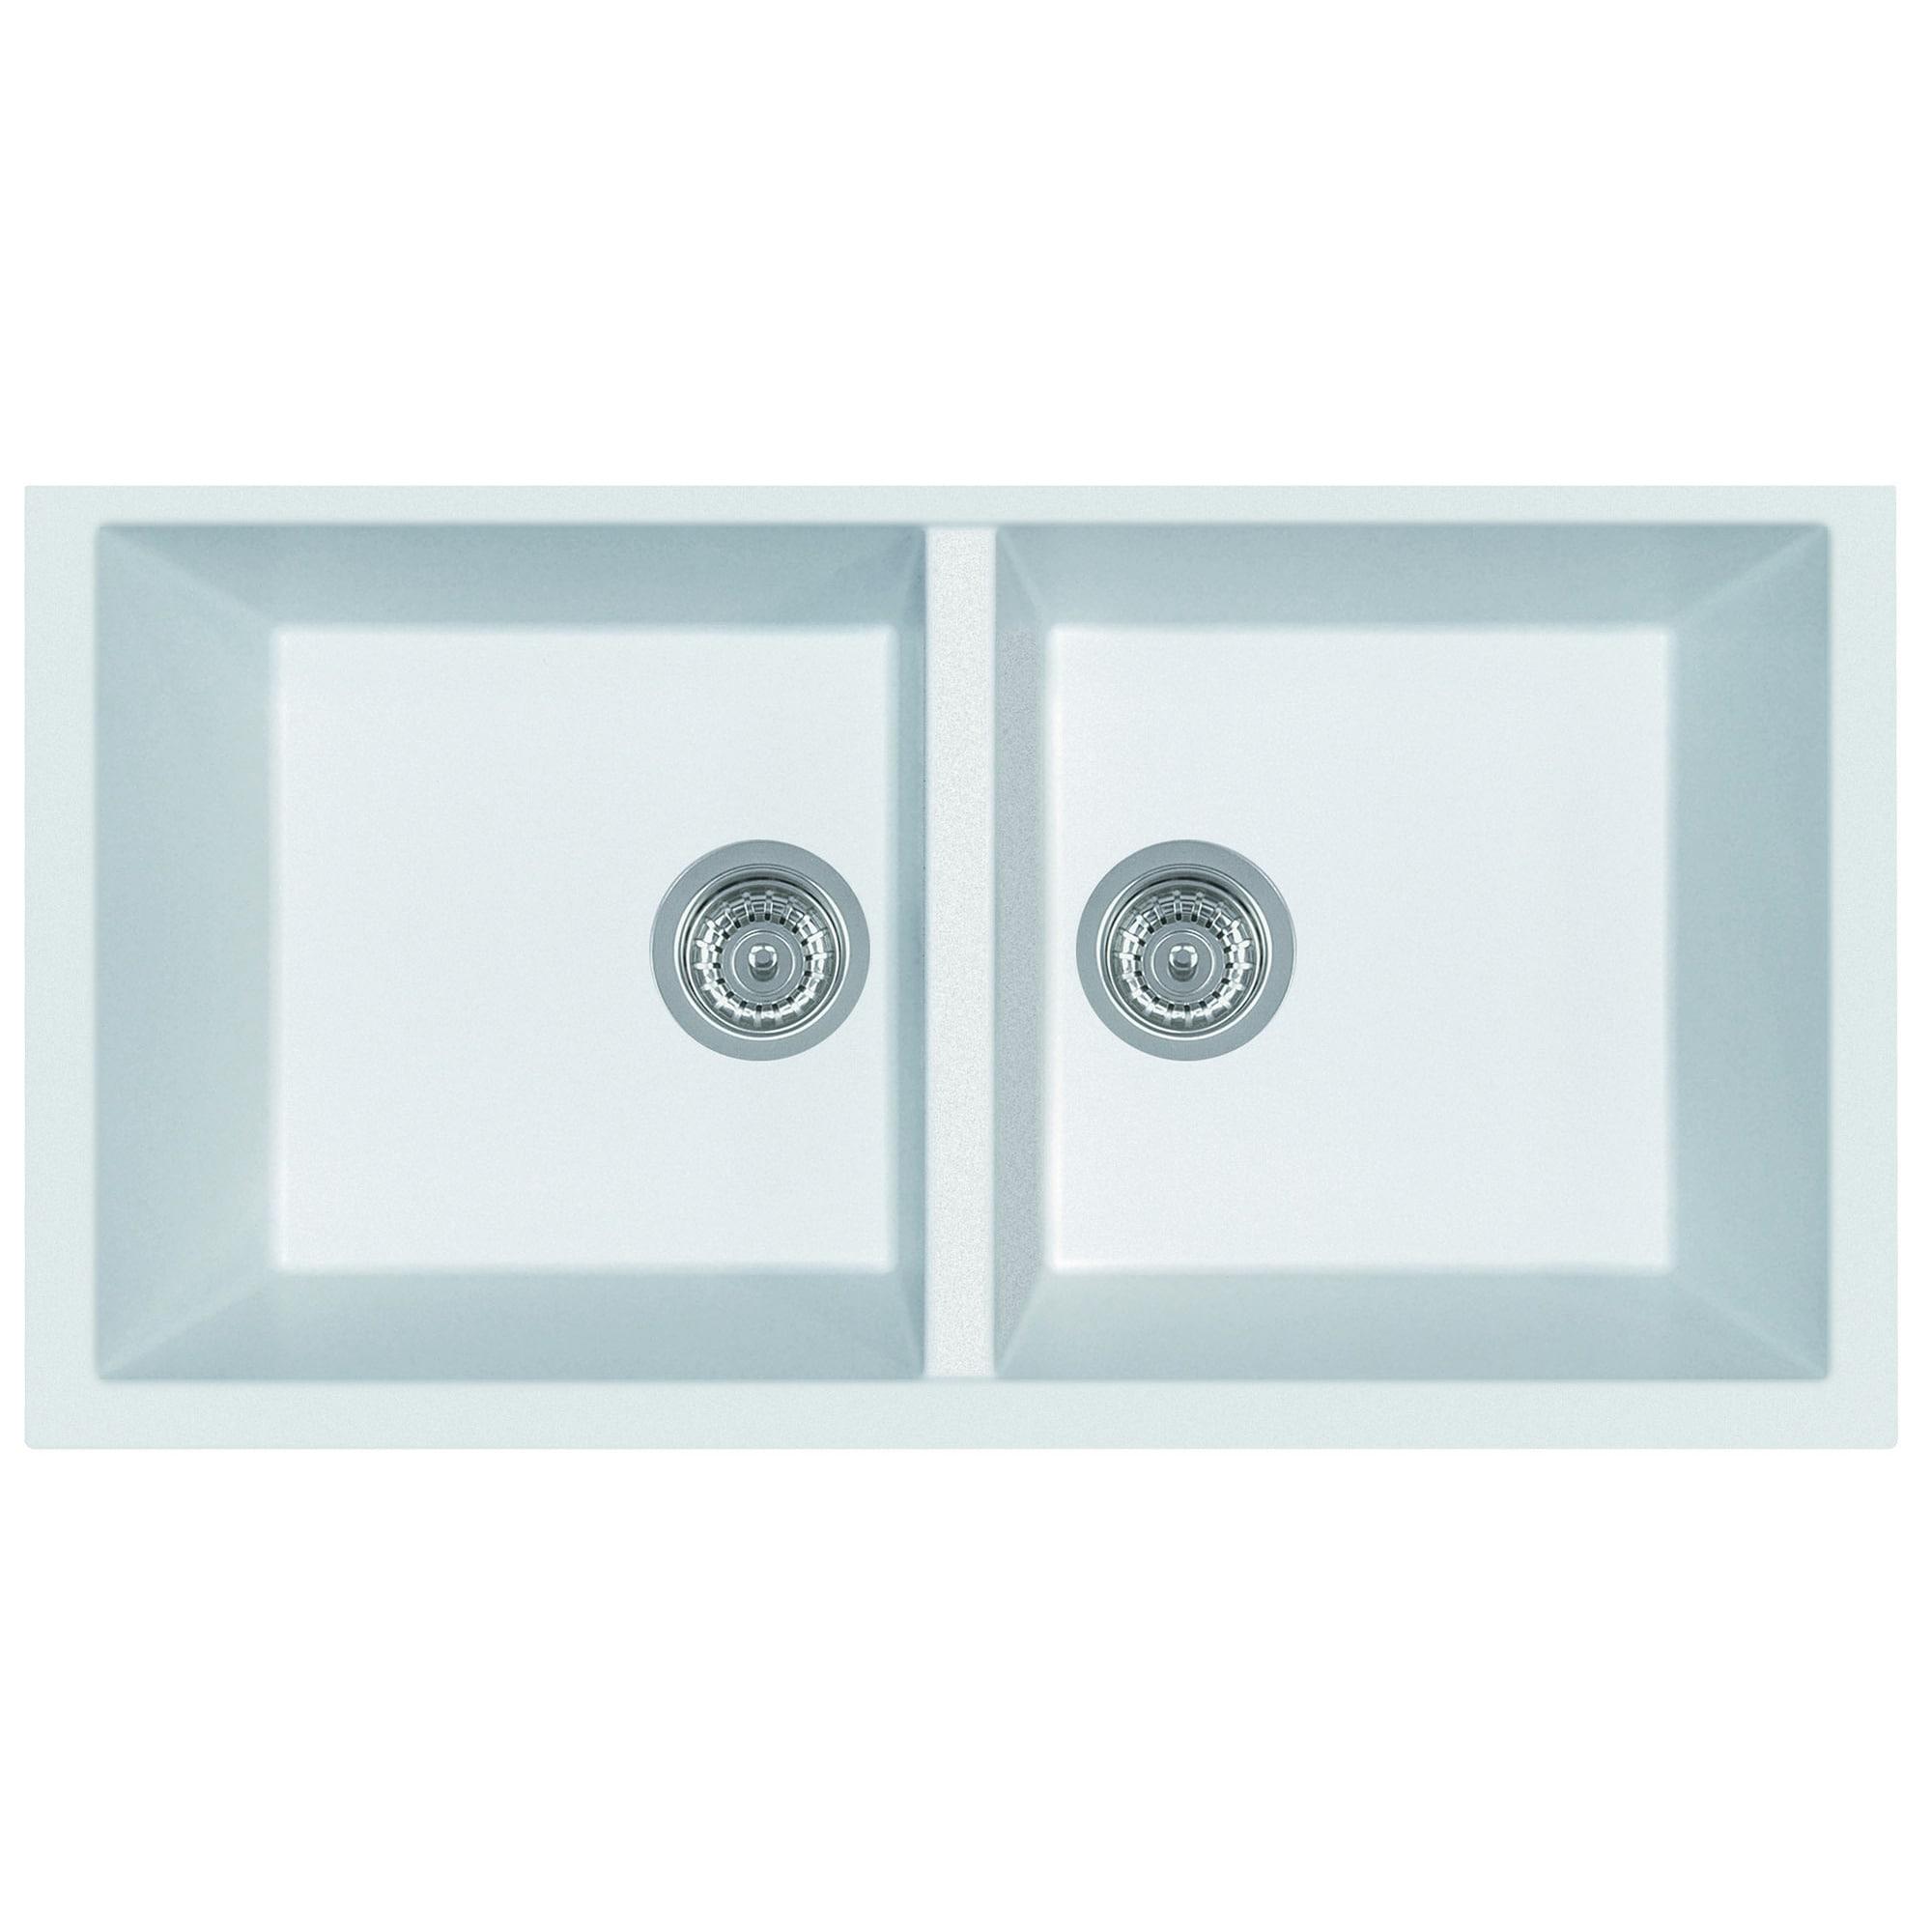 Shop Alfi White Granite Composite 34-inch Undermount Double-bowl ...